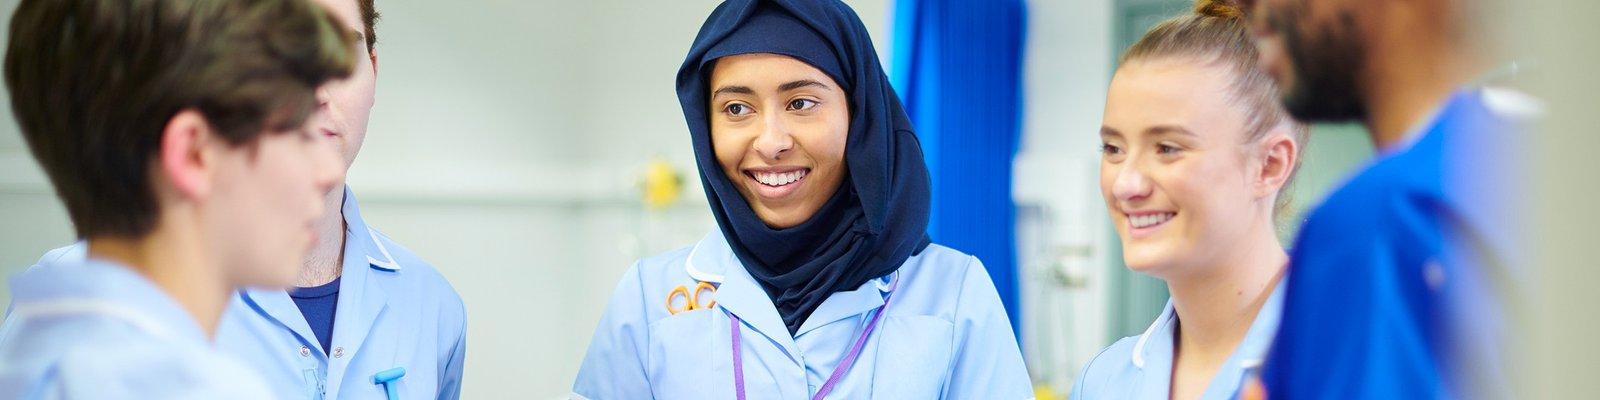 NHS staff image 2.jpg